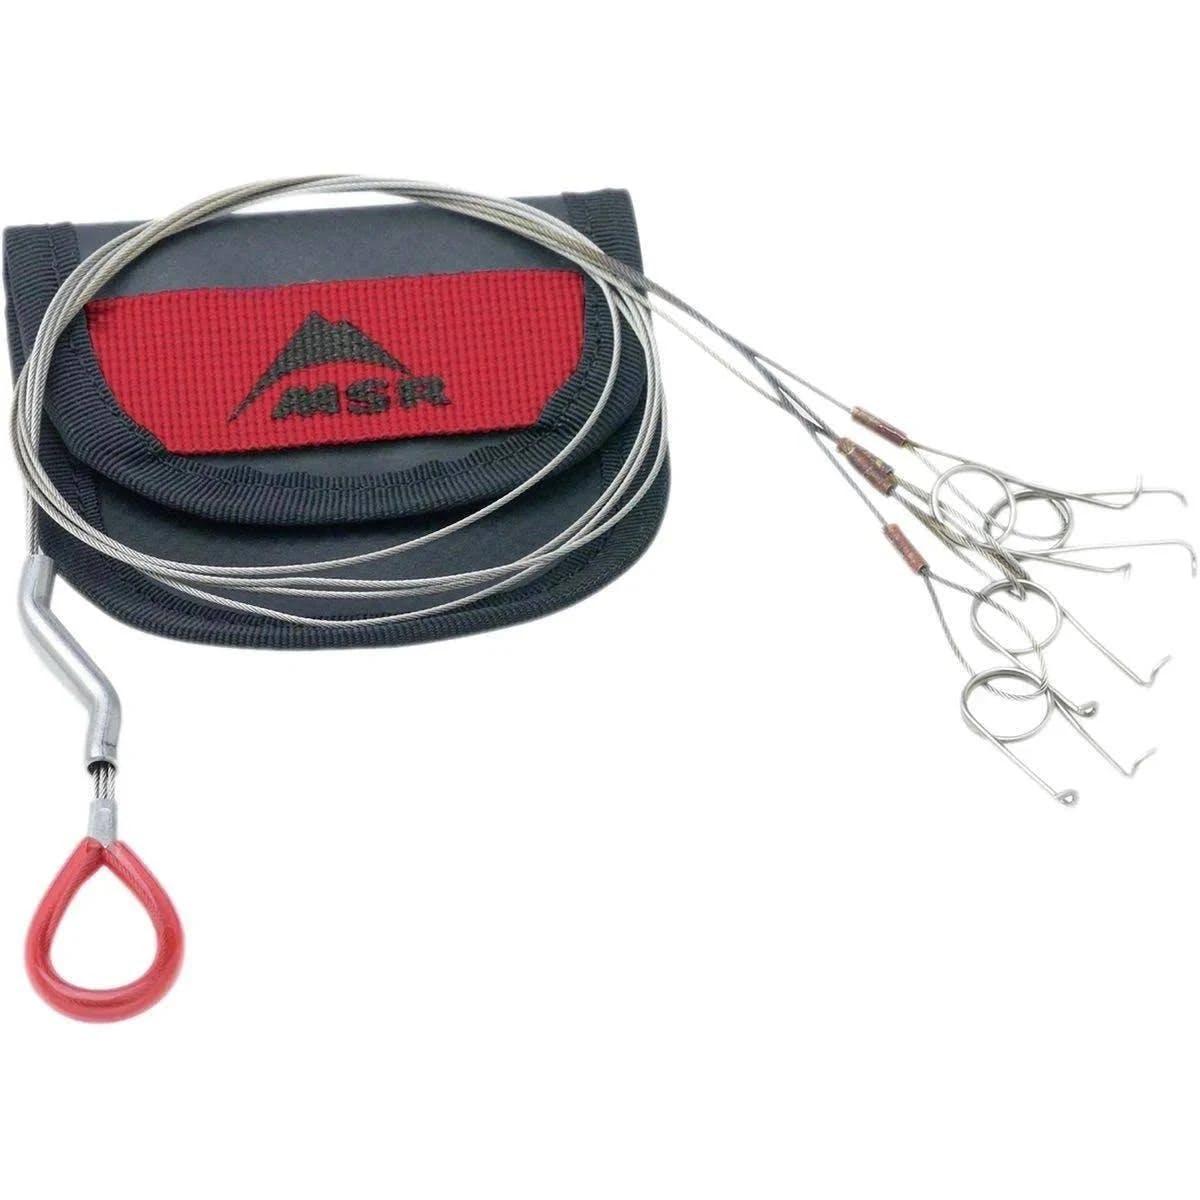 MSR - WindBurner Hanging Kit